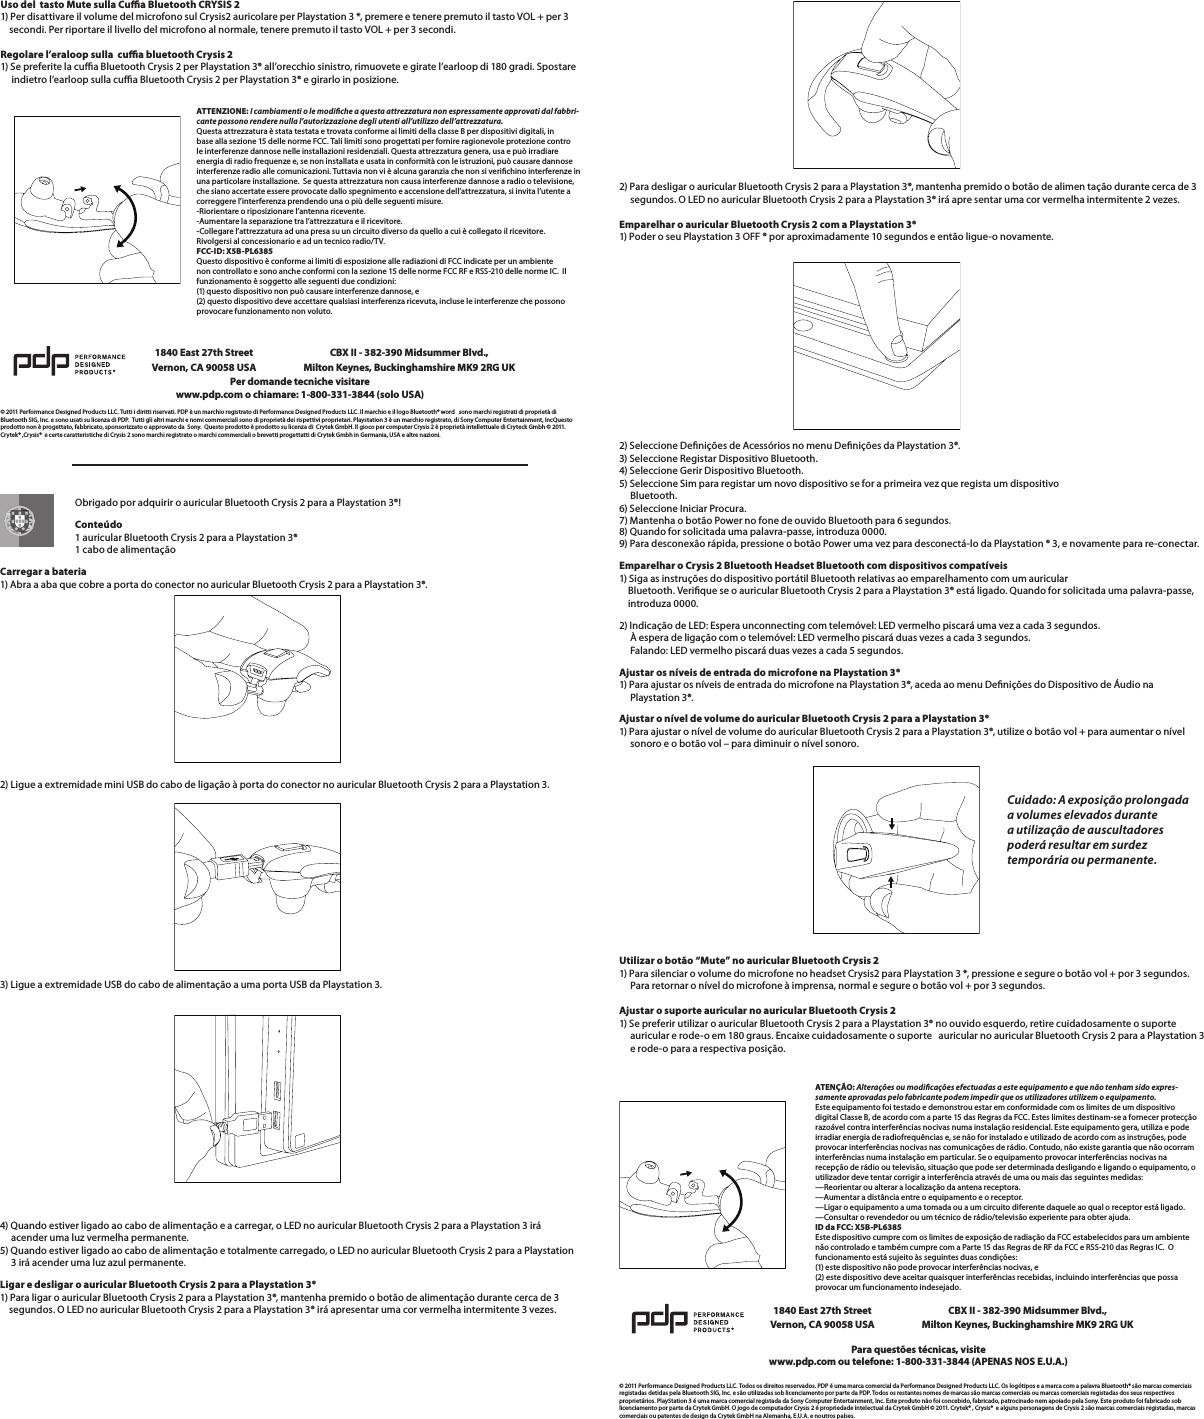 consoles Array - ps3 manual uk rh ps3 manual uk elzplorers de